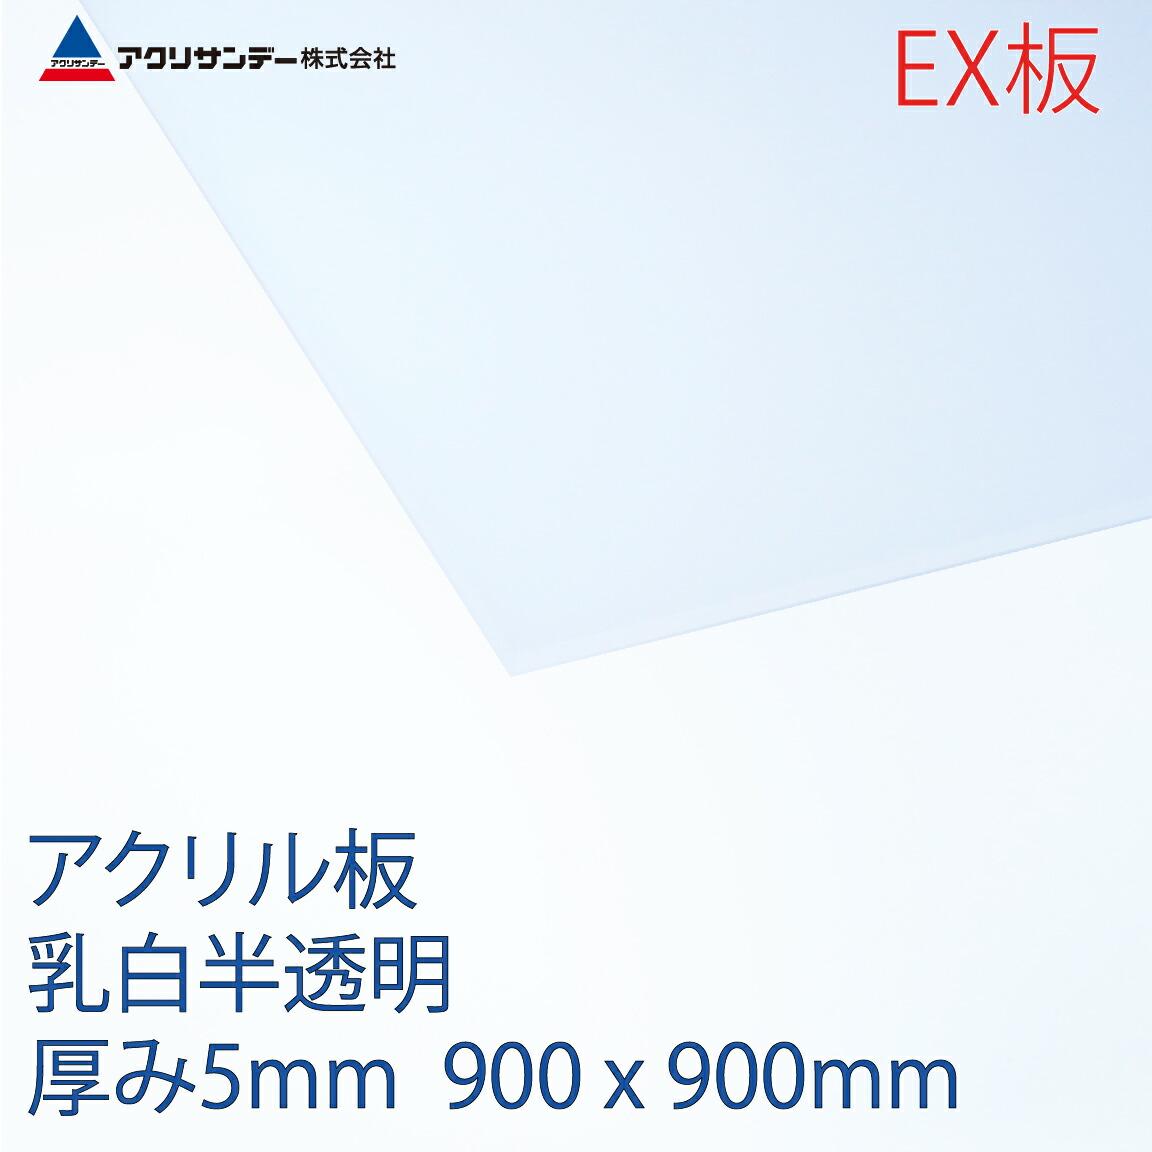 アクリルEX板乳白半透明 厚み5mm 900x900mm[連続キャスト方式押出グレード プラスチック]